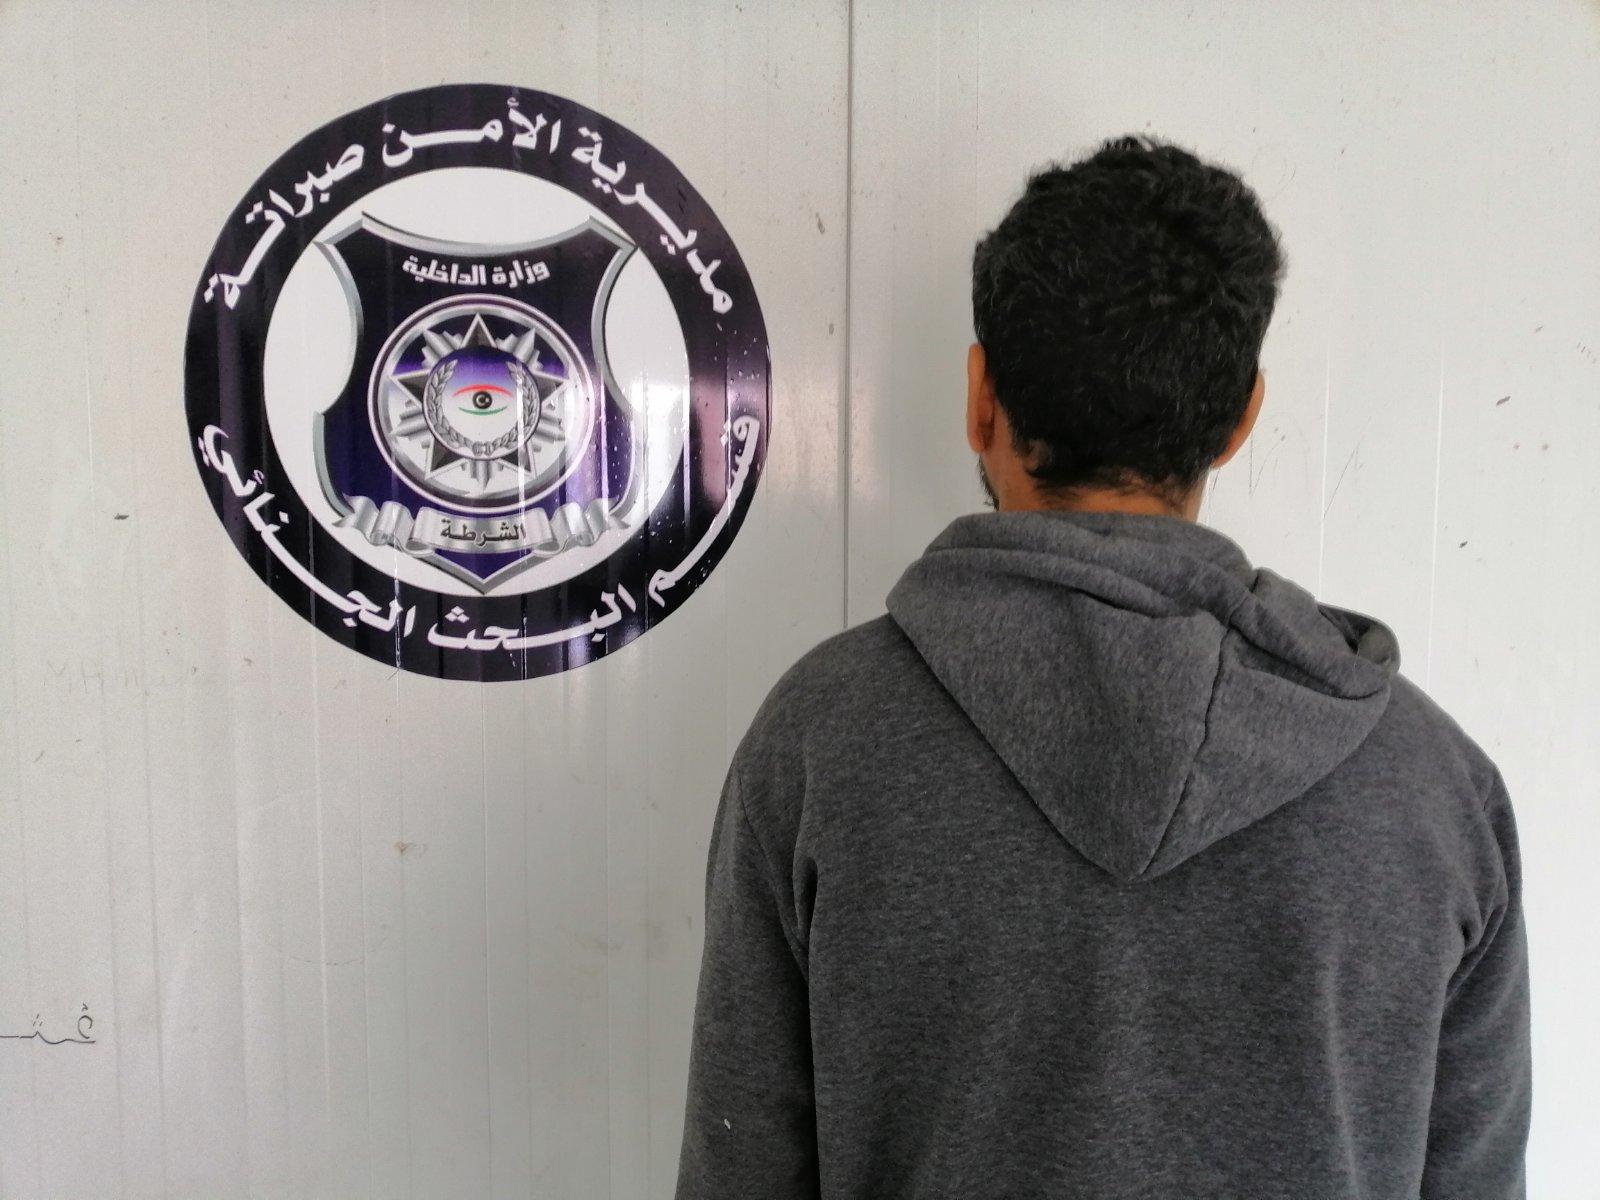 مديرية أمن صبراتة تقبض على مدان بجريمة قتل فر من وجه العدالة